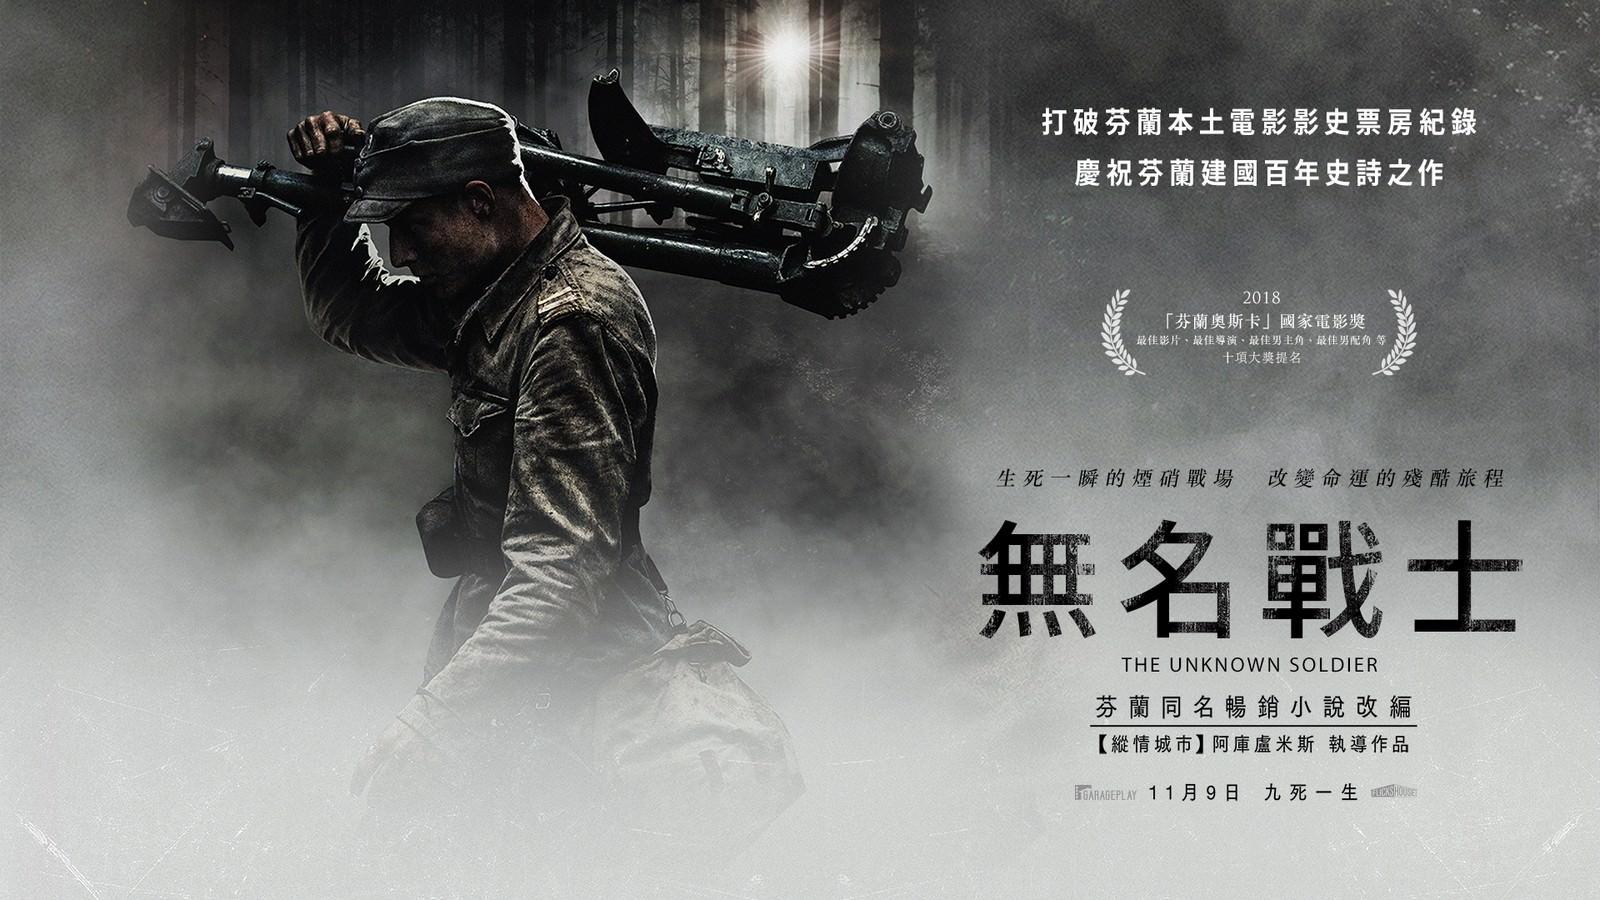 2017年) / 无名战士(台湾) / the unknown soldier(英文), 电影海报